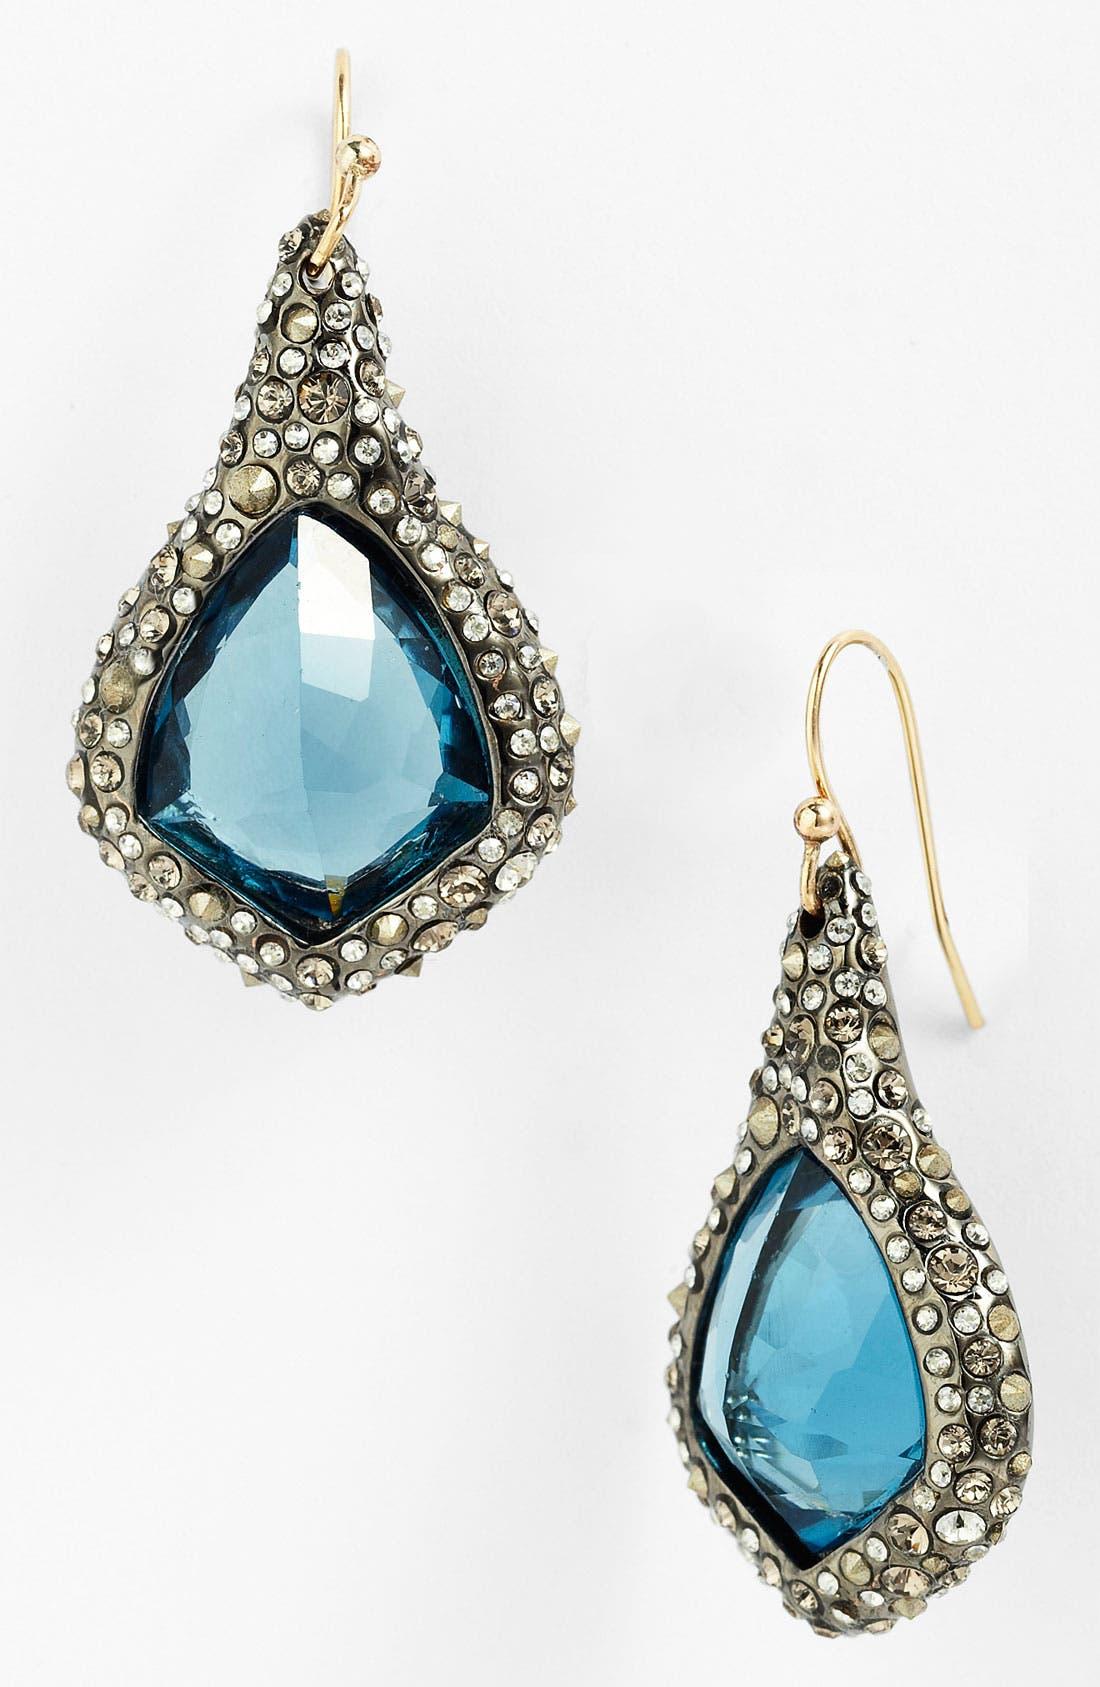 Main Image - Alexis Bittar 'Miss Havisham - Deco' Crystal Encrusted Drop Earrings (Nordstrom Exclusive)